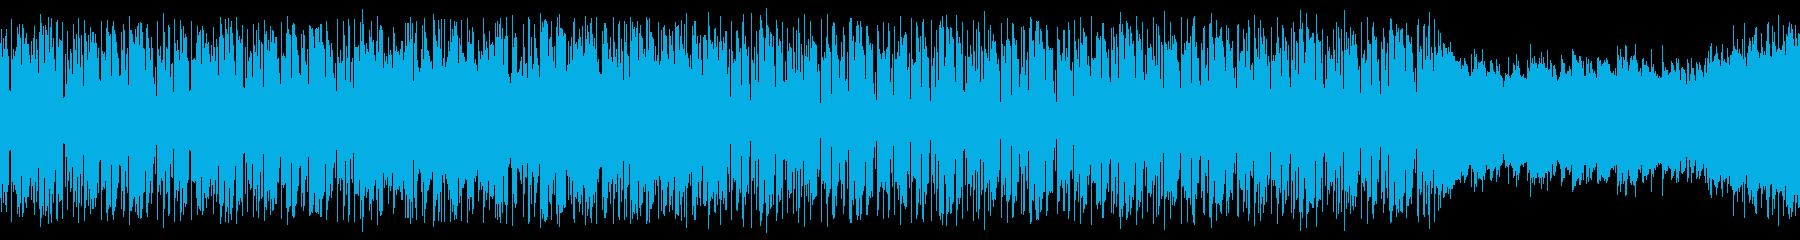 【ループ用】お洒落で怪しいゲームBGMの再生済みの波形